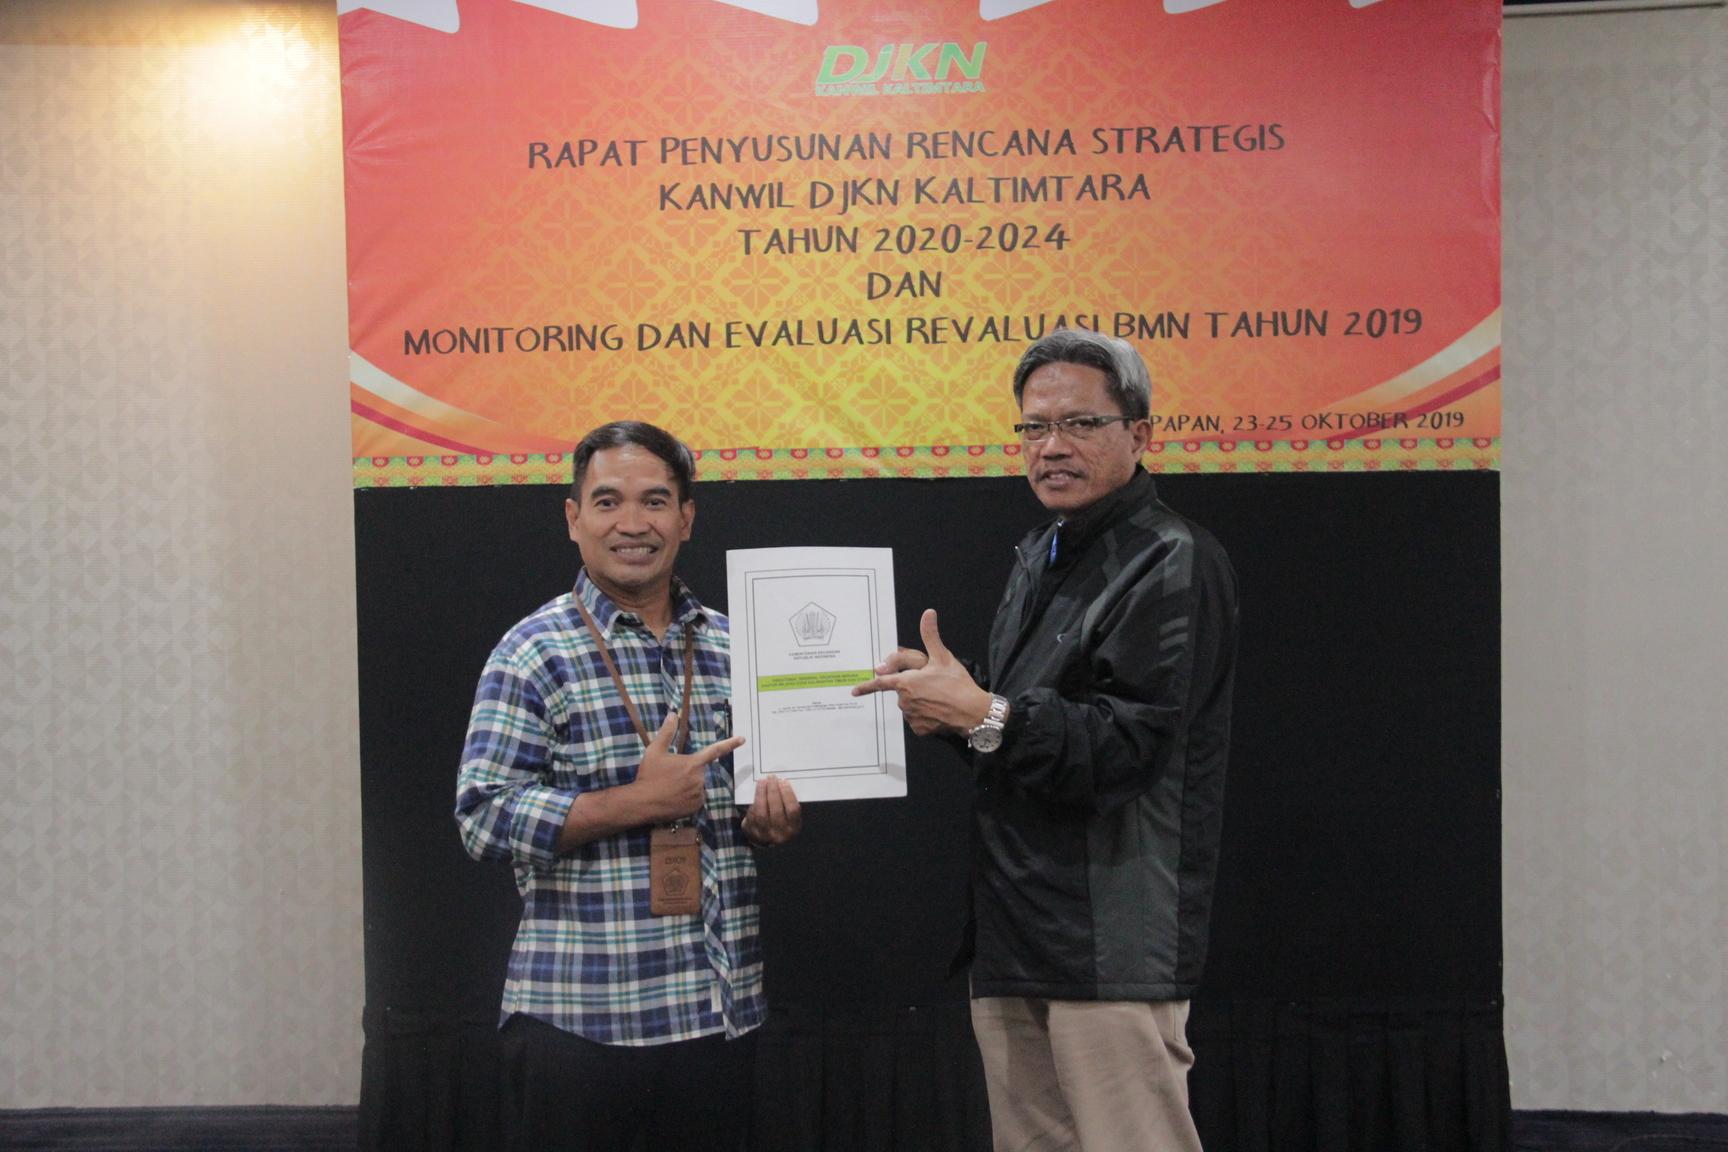 Satukan Visi Misi ke Depan, Kanwil DJKN Kaltimtara Gelar Rapat Renstra 2020-2024